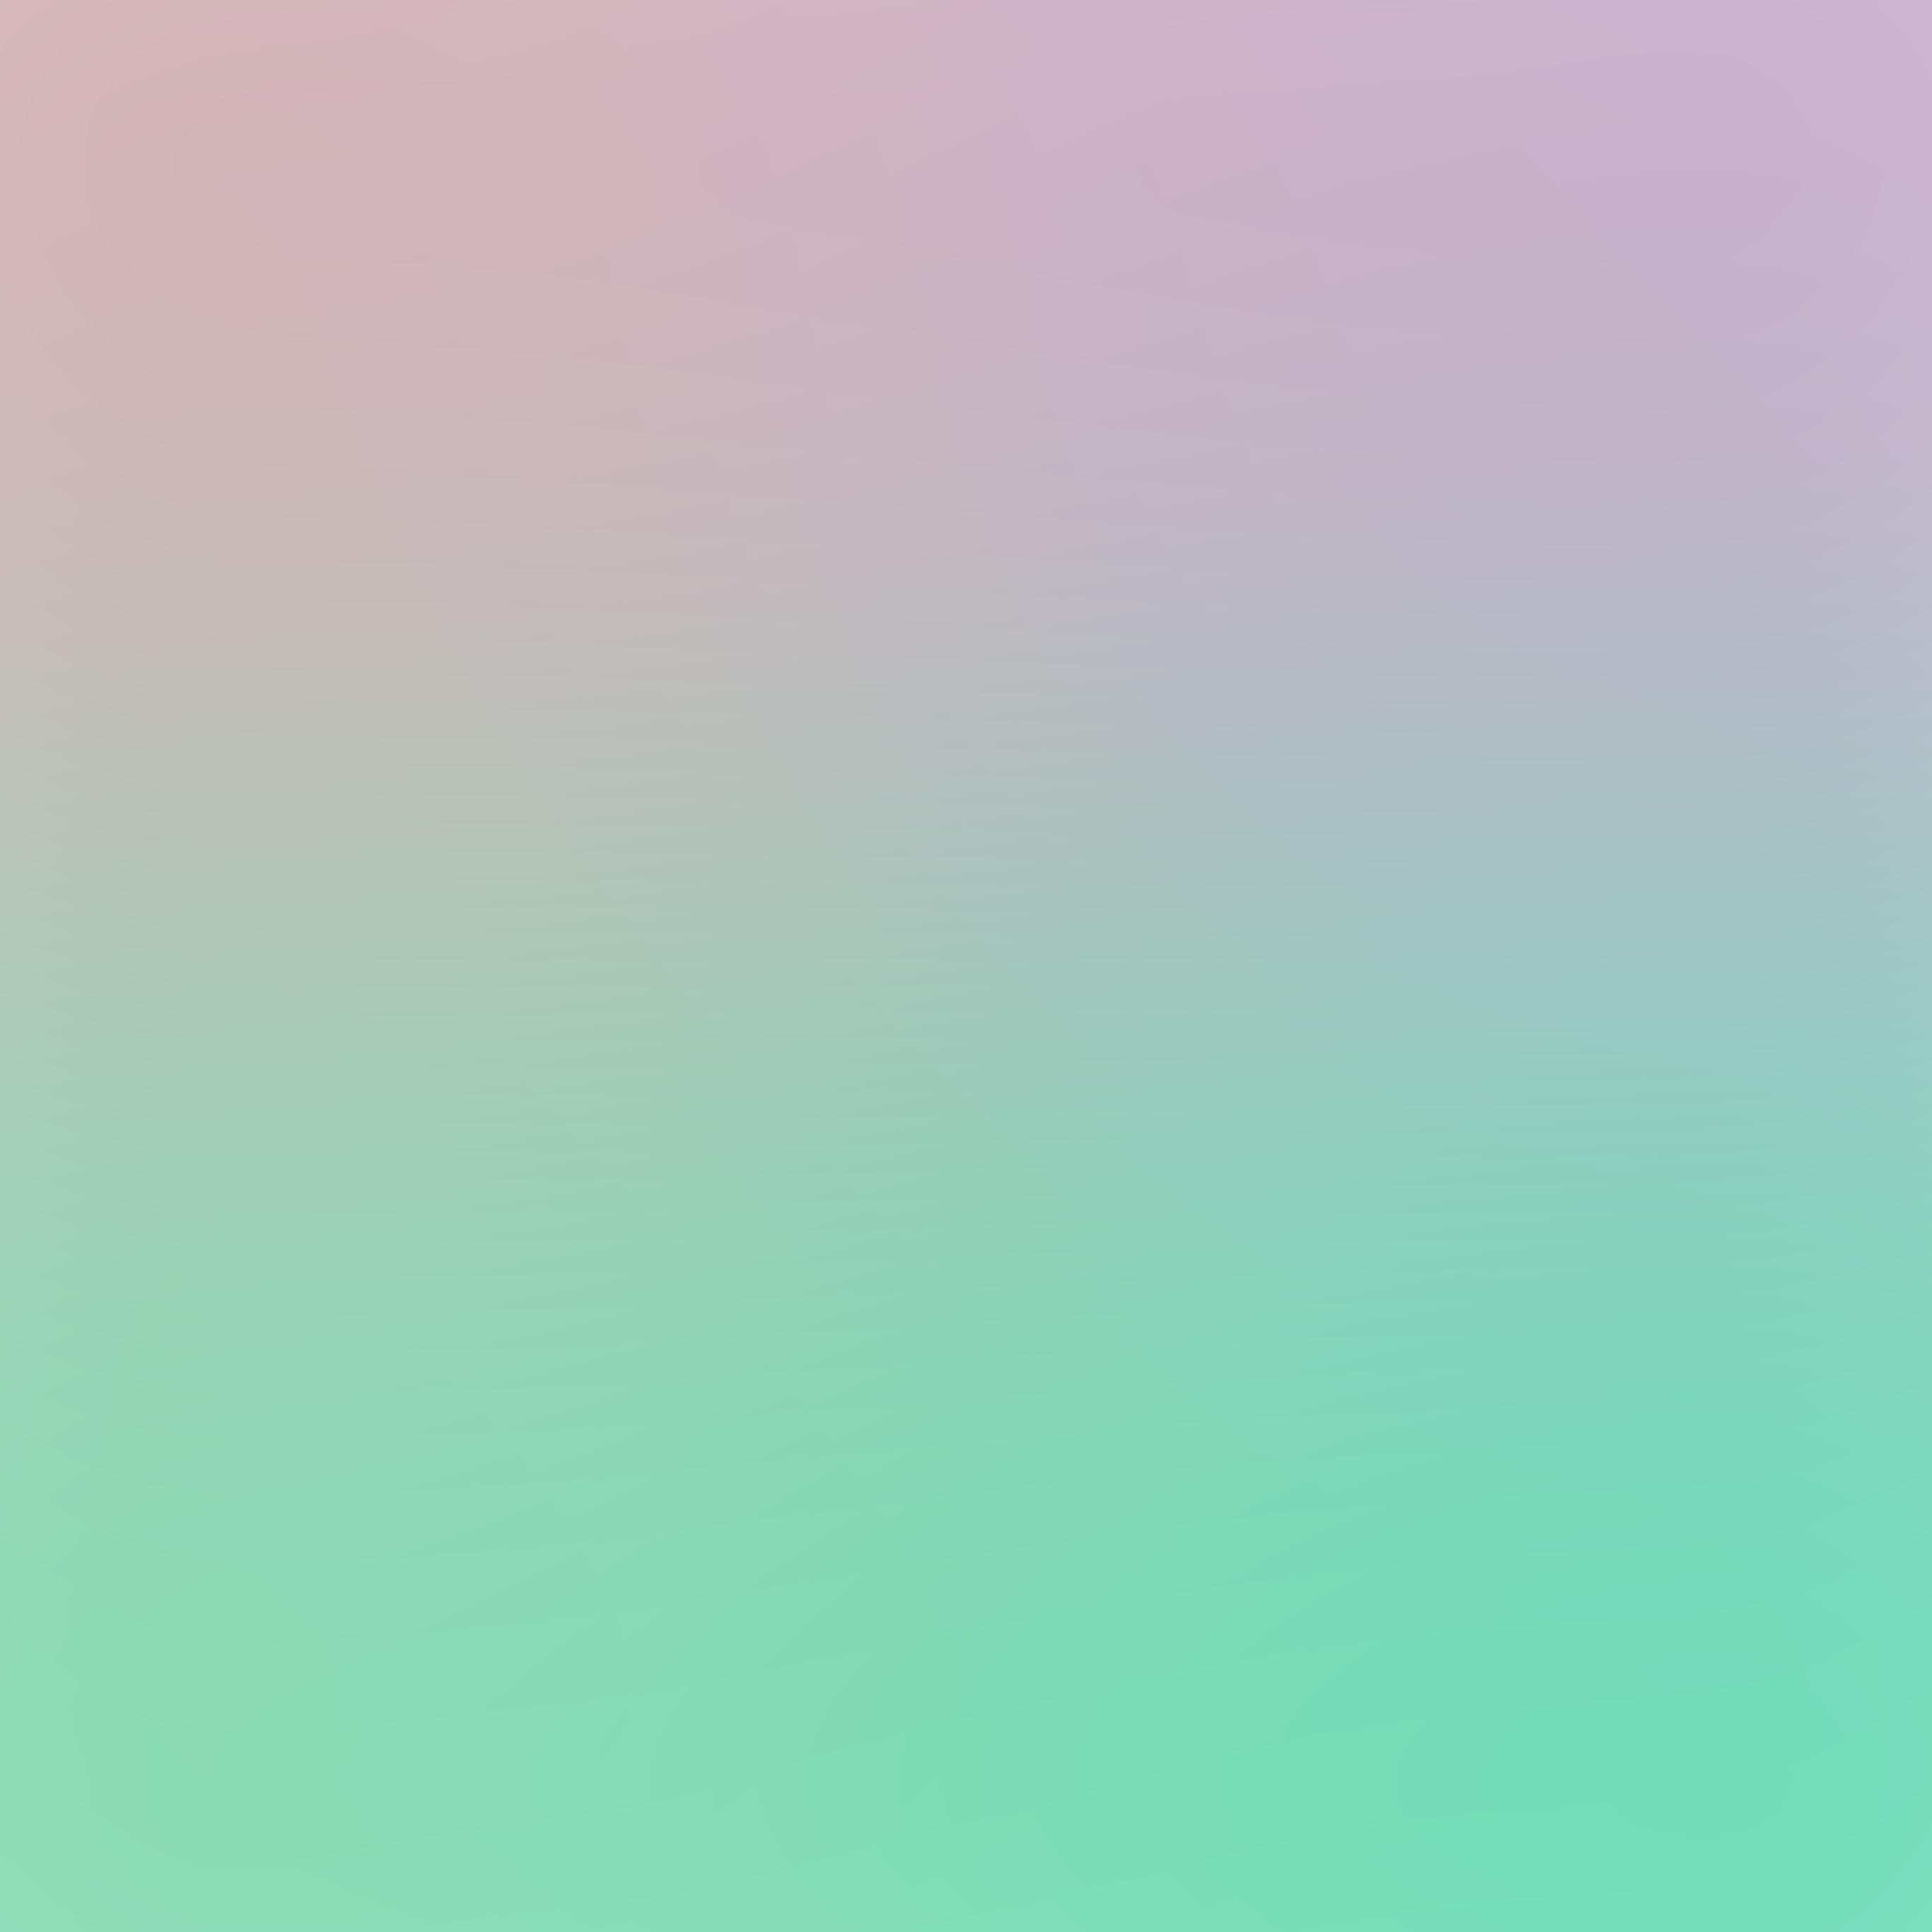 iPhone wallpaper iPad pro green purple soft blur gradation iPad Pro Wallpapers